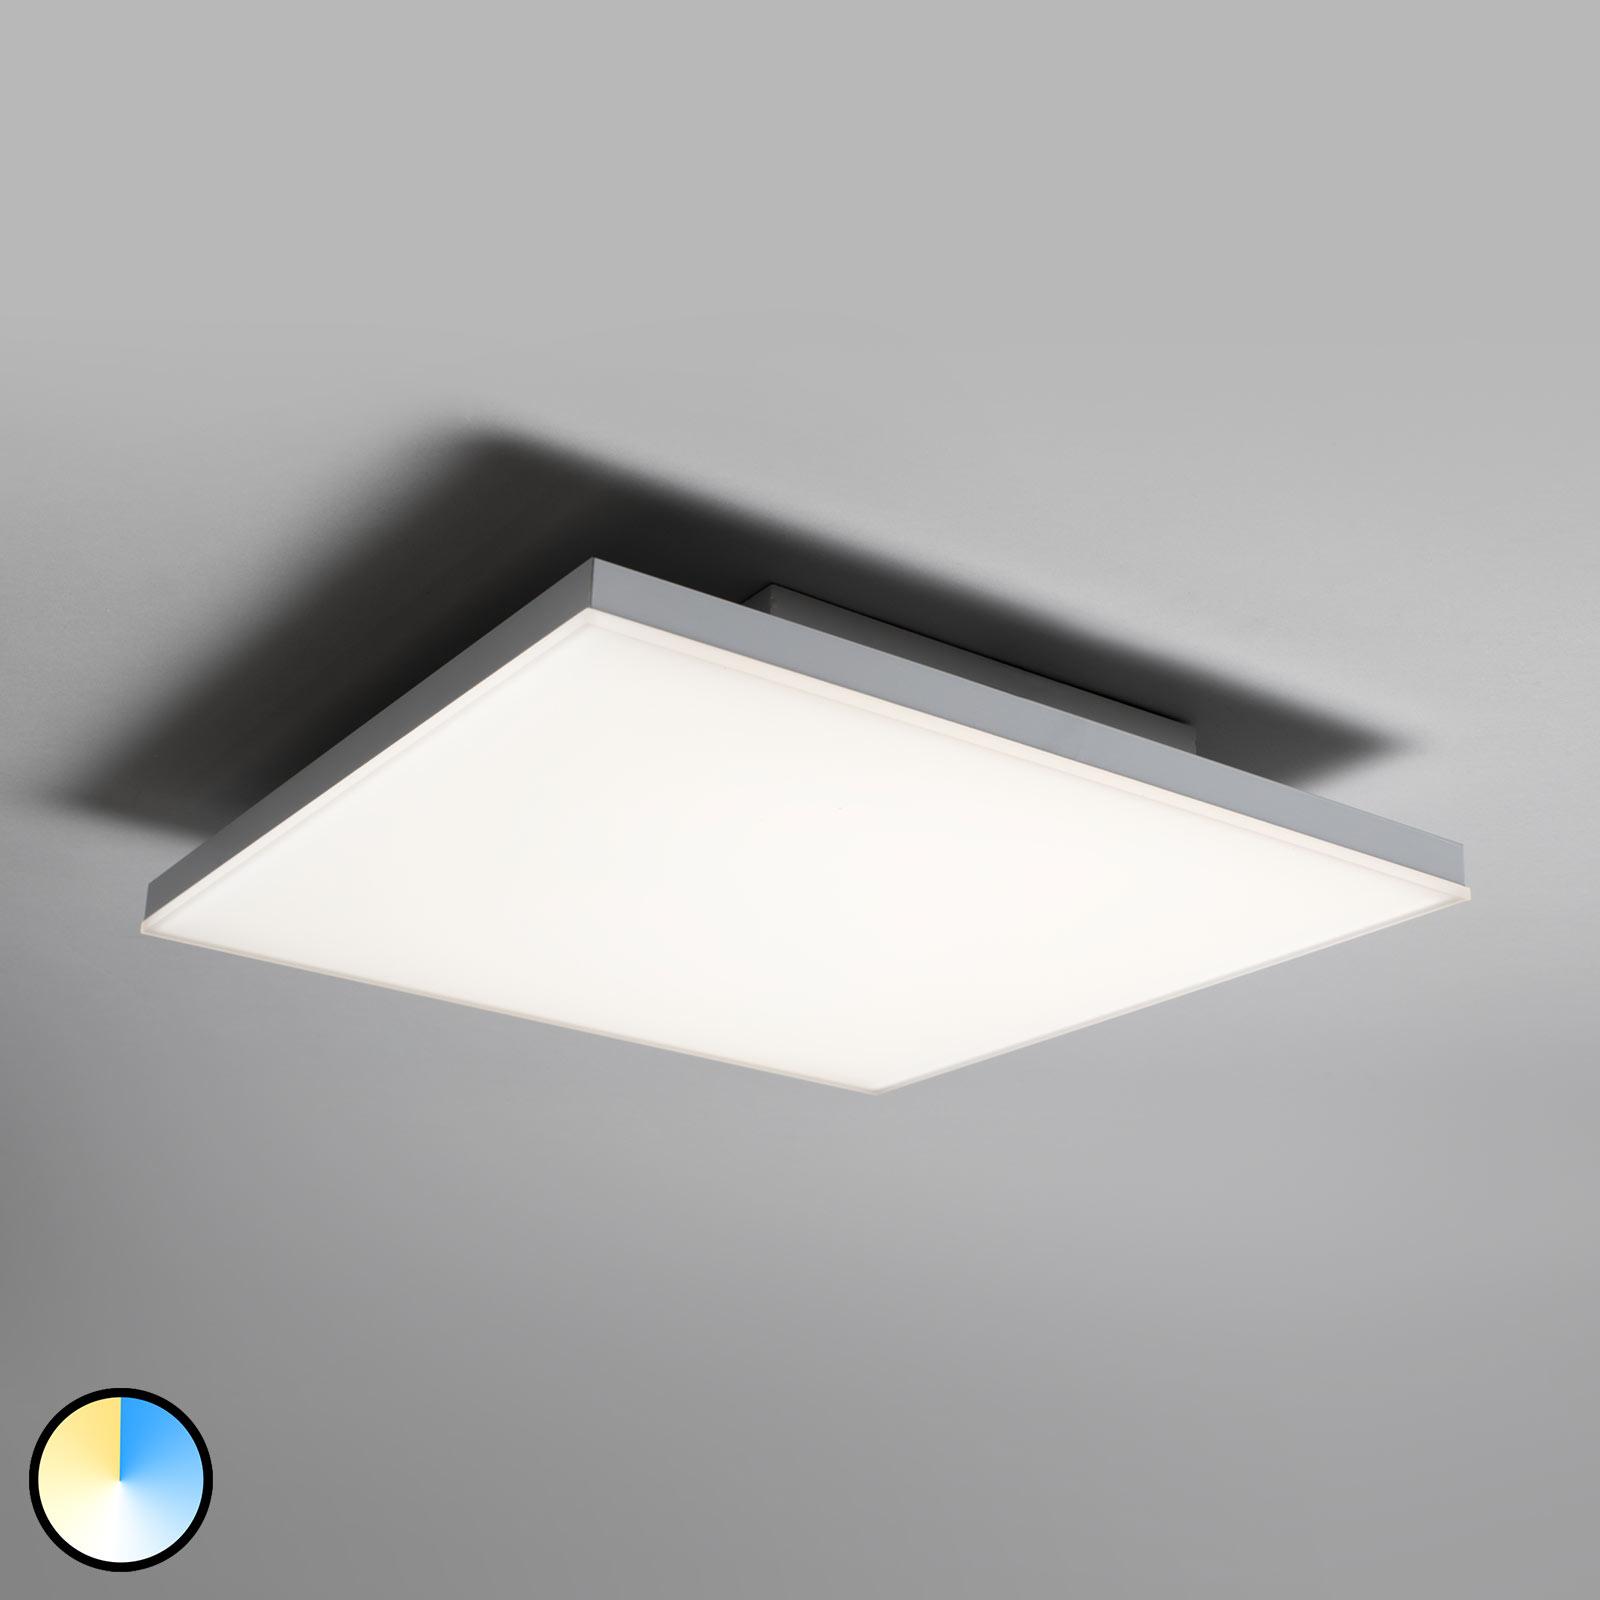 LEDVANCE Planon Frameless LED-panel 40x40 cm CCT